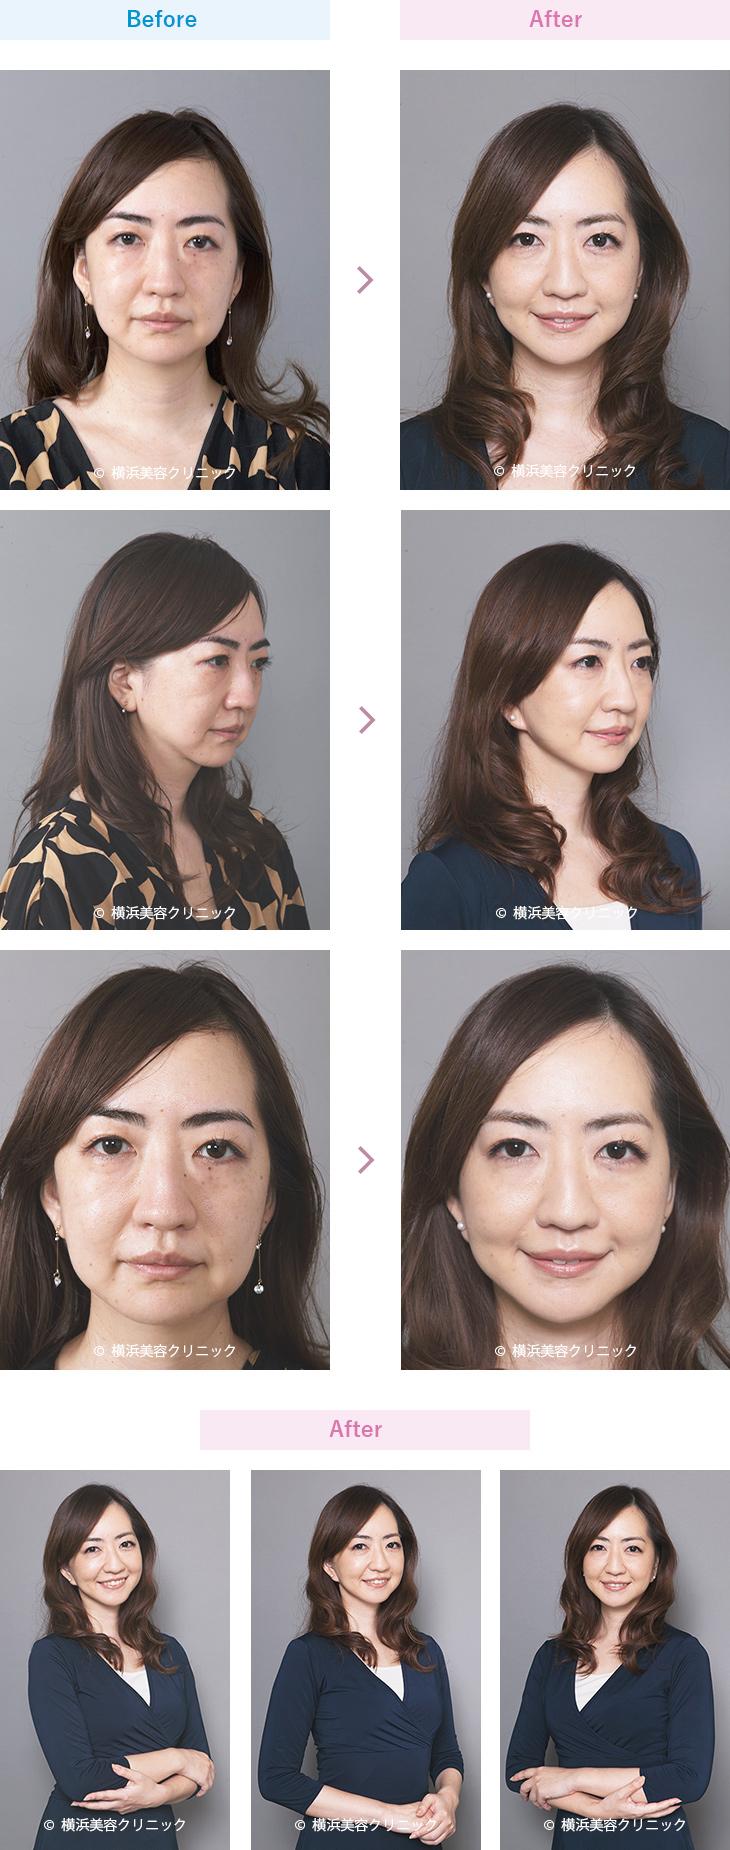 【30代女性】フェイスラインをスッキリさせるにはフェイスリフト(切開リフト)が効果的 【横浜美容クリニック】